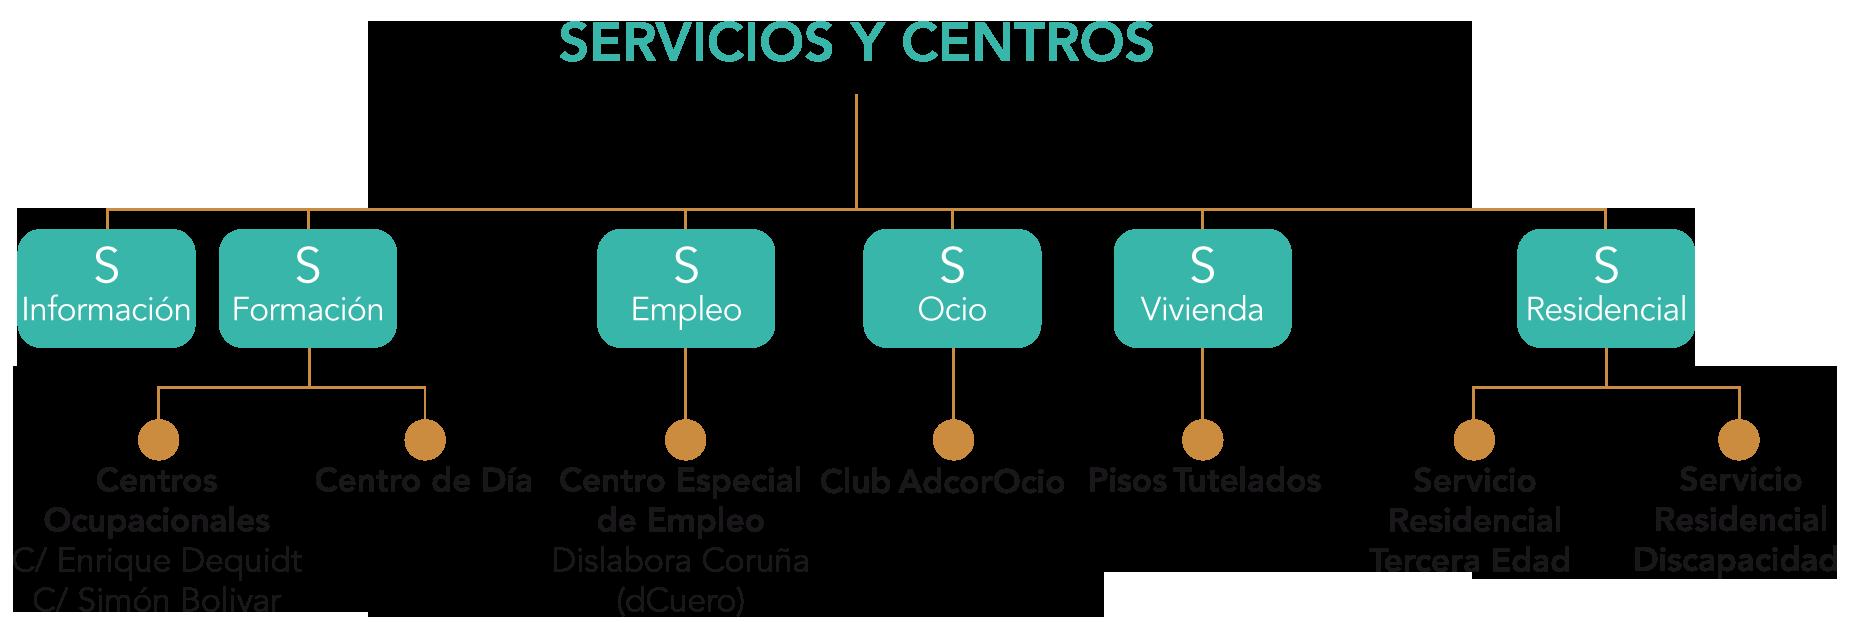 servicios-y-centros-adcor